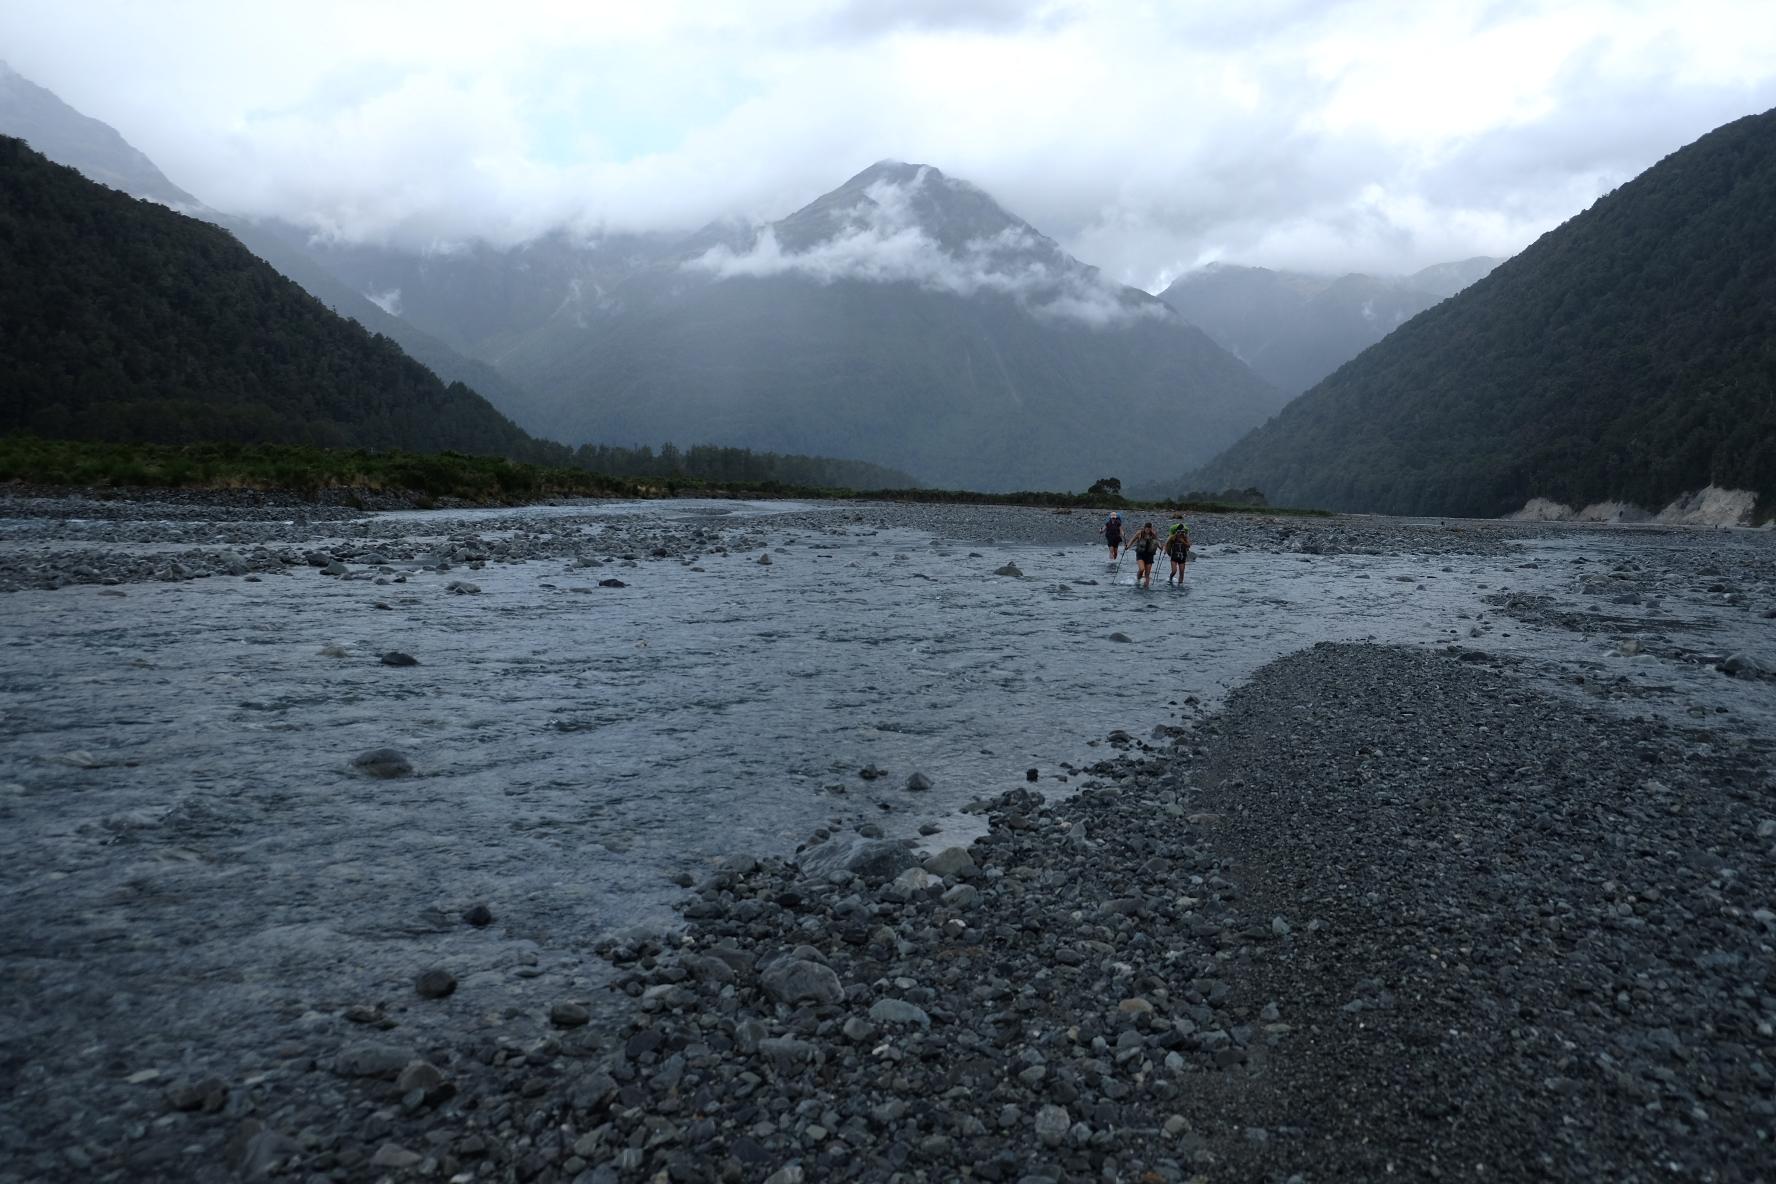 River bashing